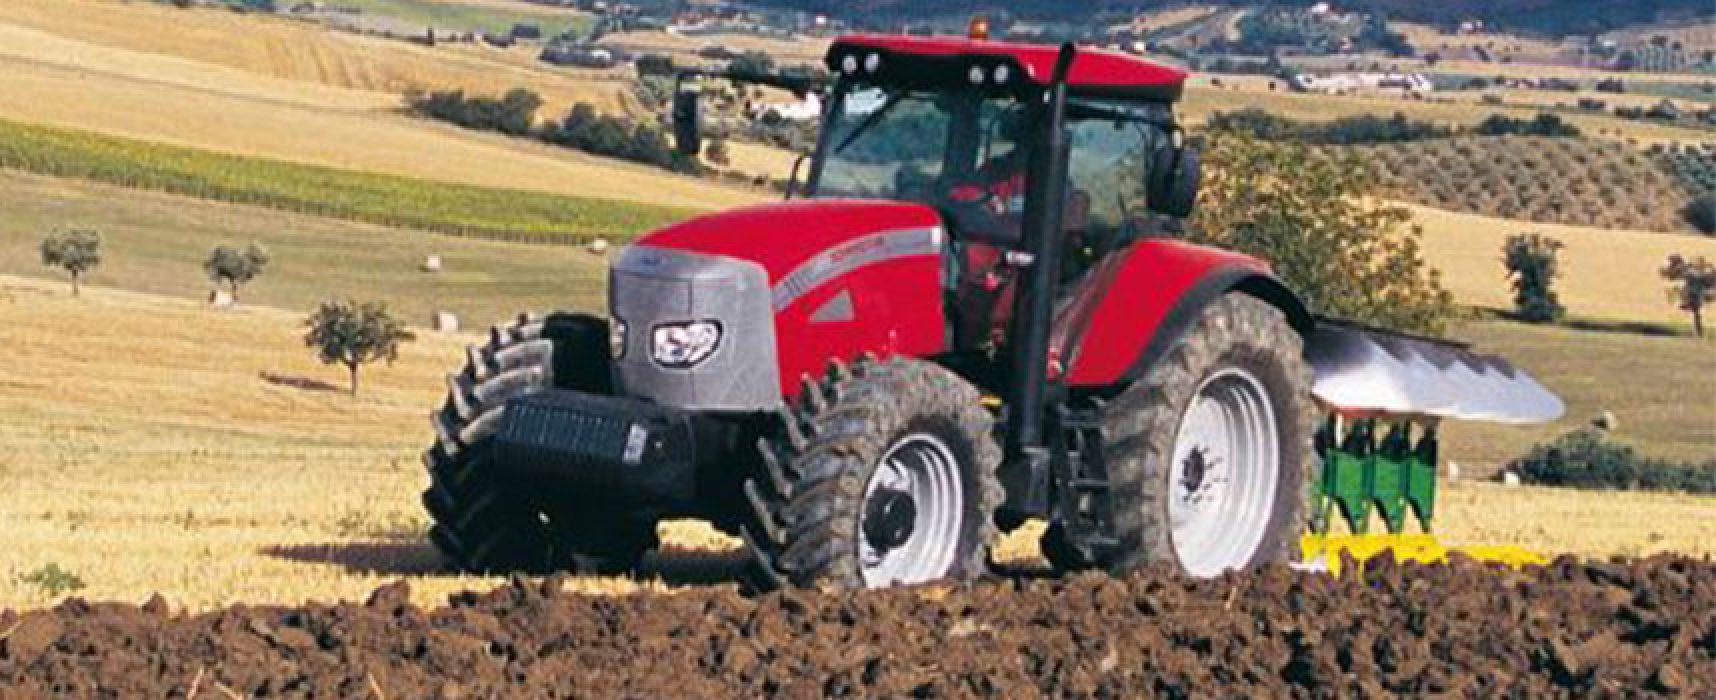 Agricoltura: al via domande per bando acquisto macchinari e attrezzature